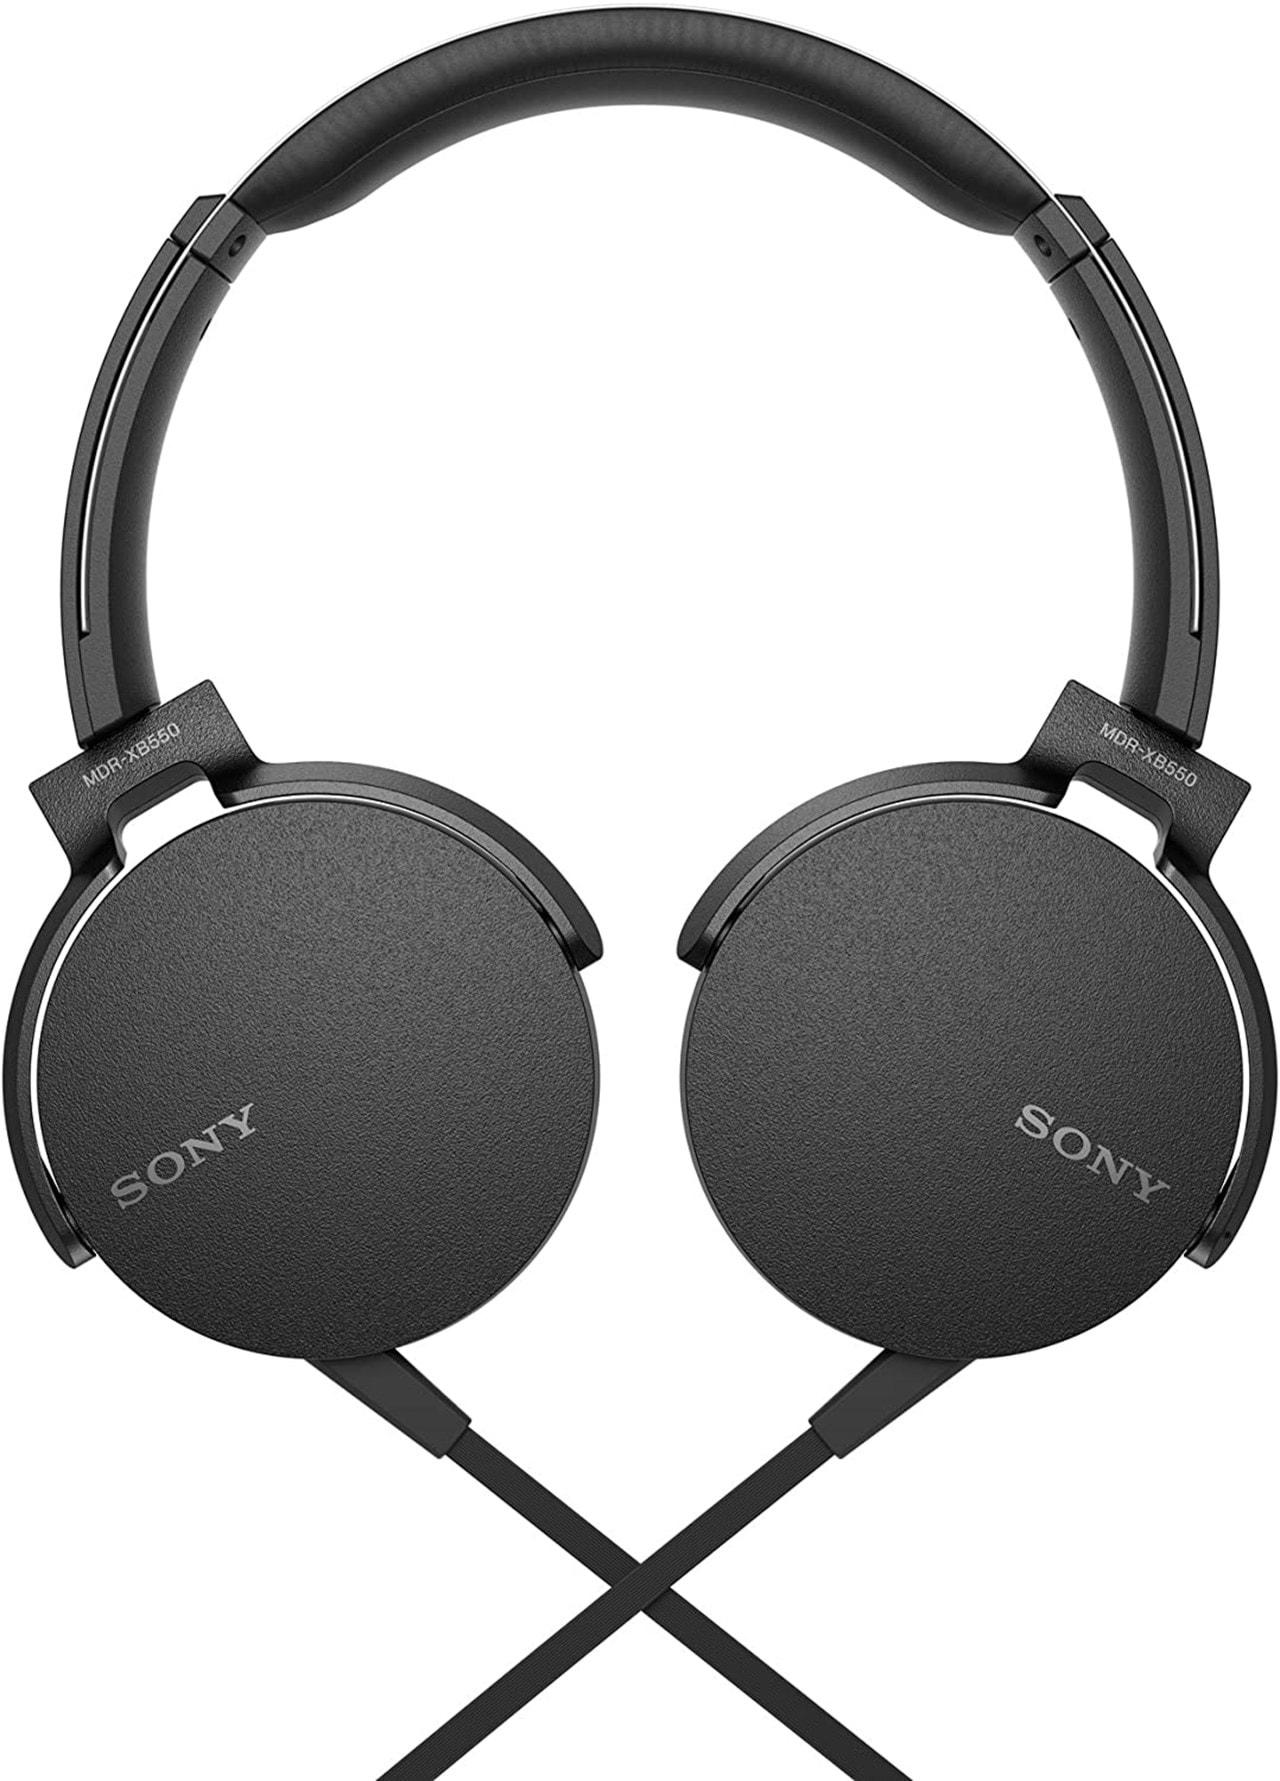 Sony XB550AP Black Extra Bass Headphones - 3